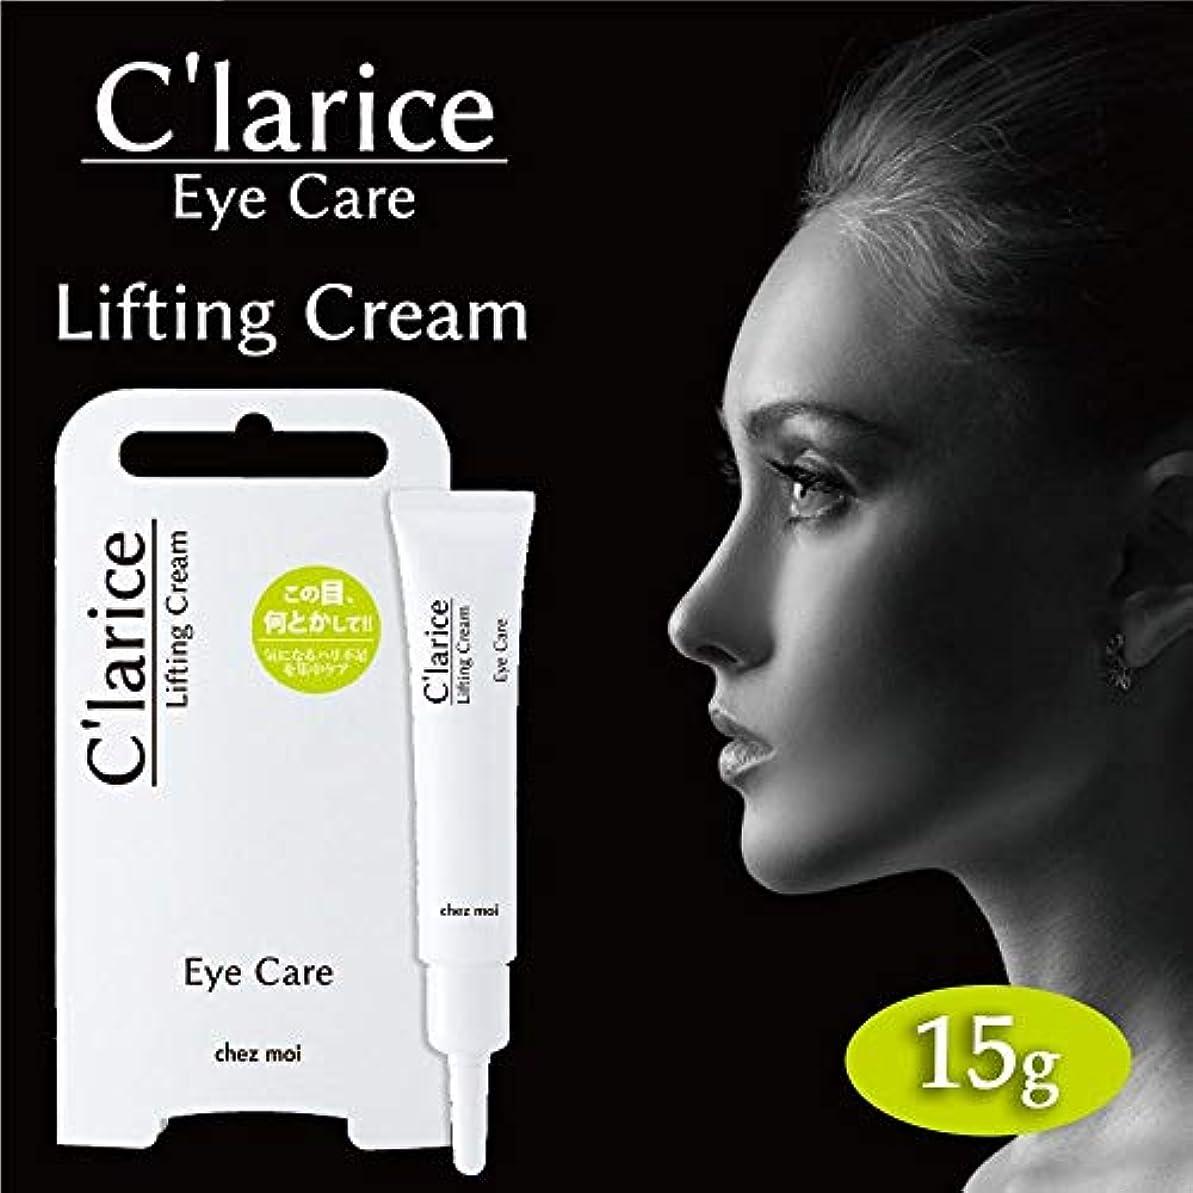 追い付く無効にする異常C'larice(クラリス) Eye Care ‐Lifting Cream‐(リフティングクリーム) 15g